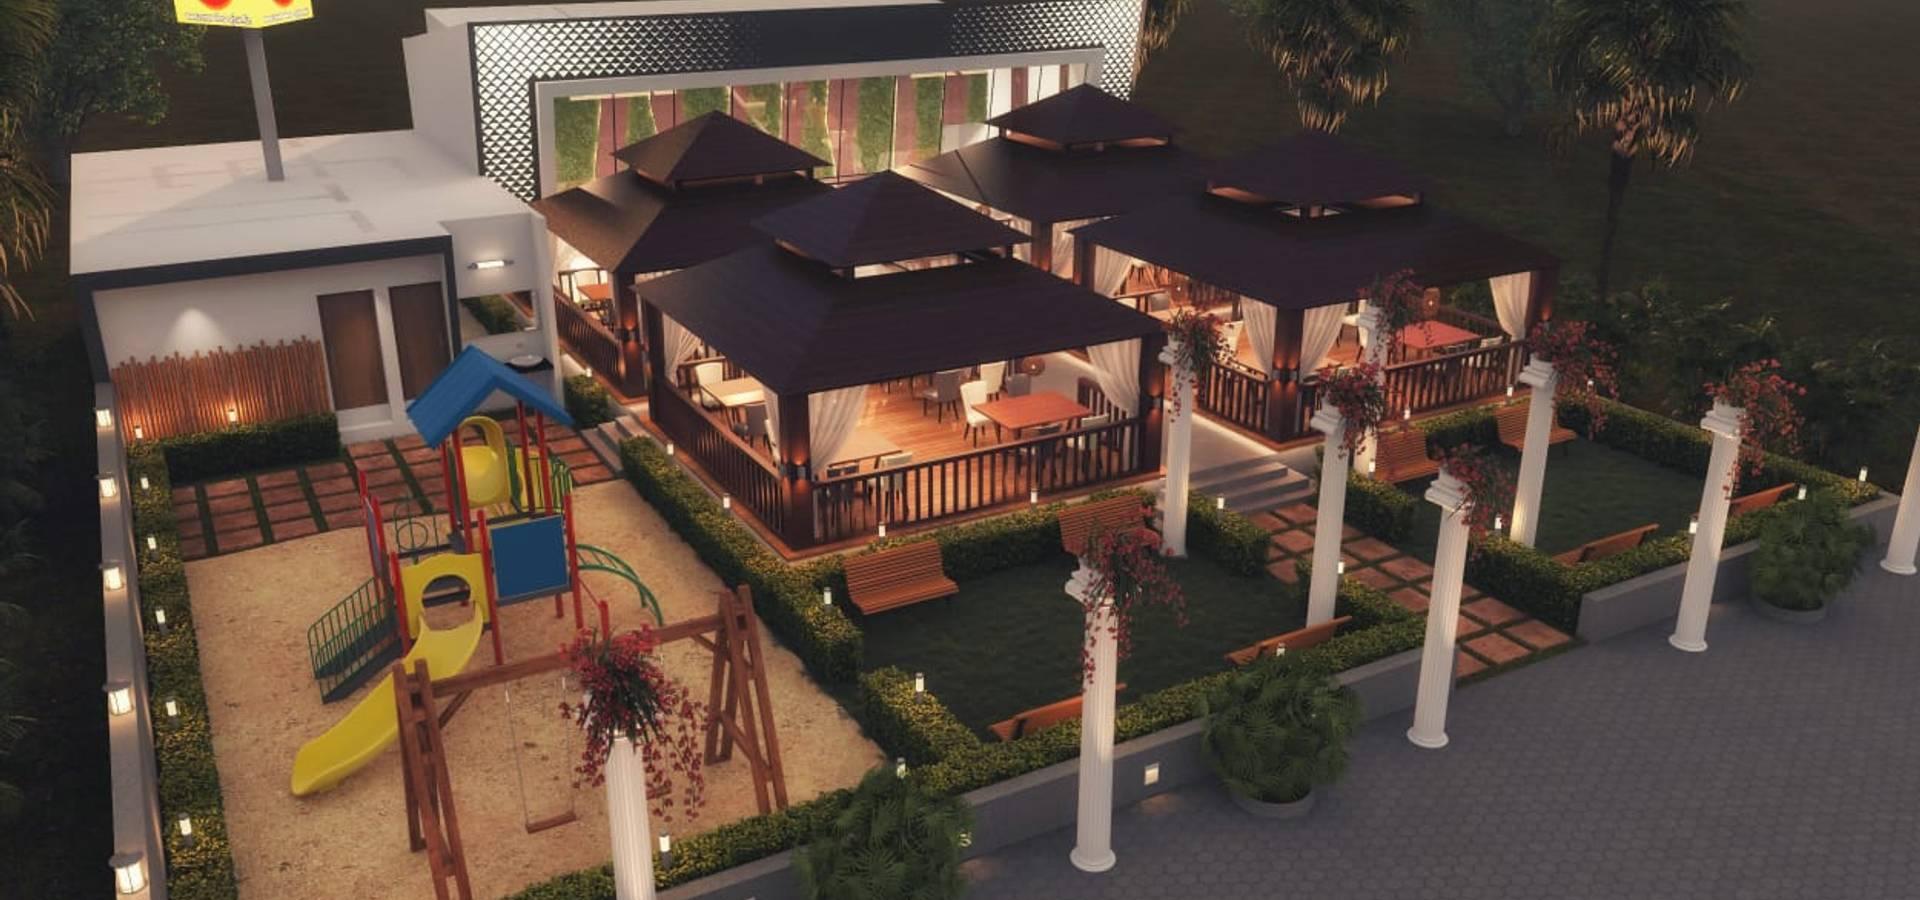 Redarc Architects